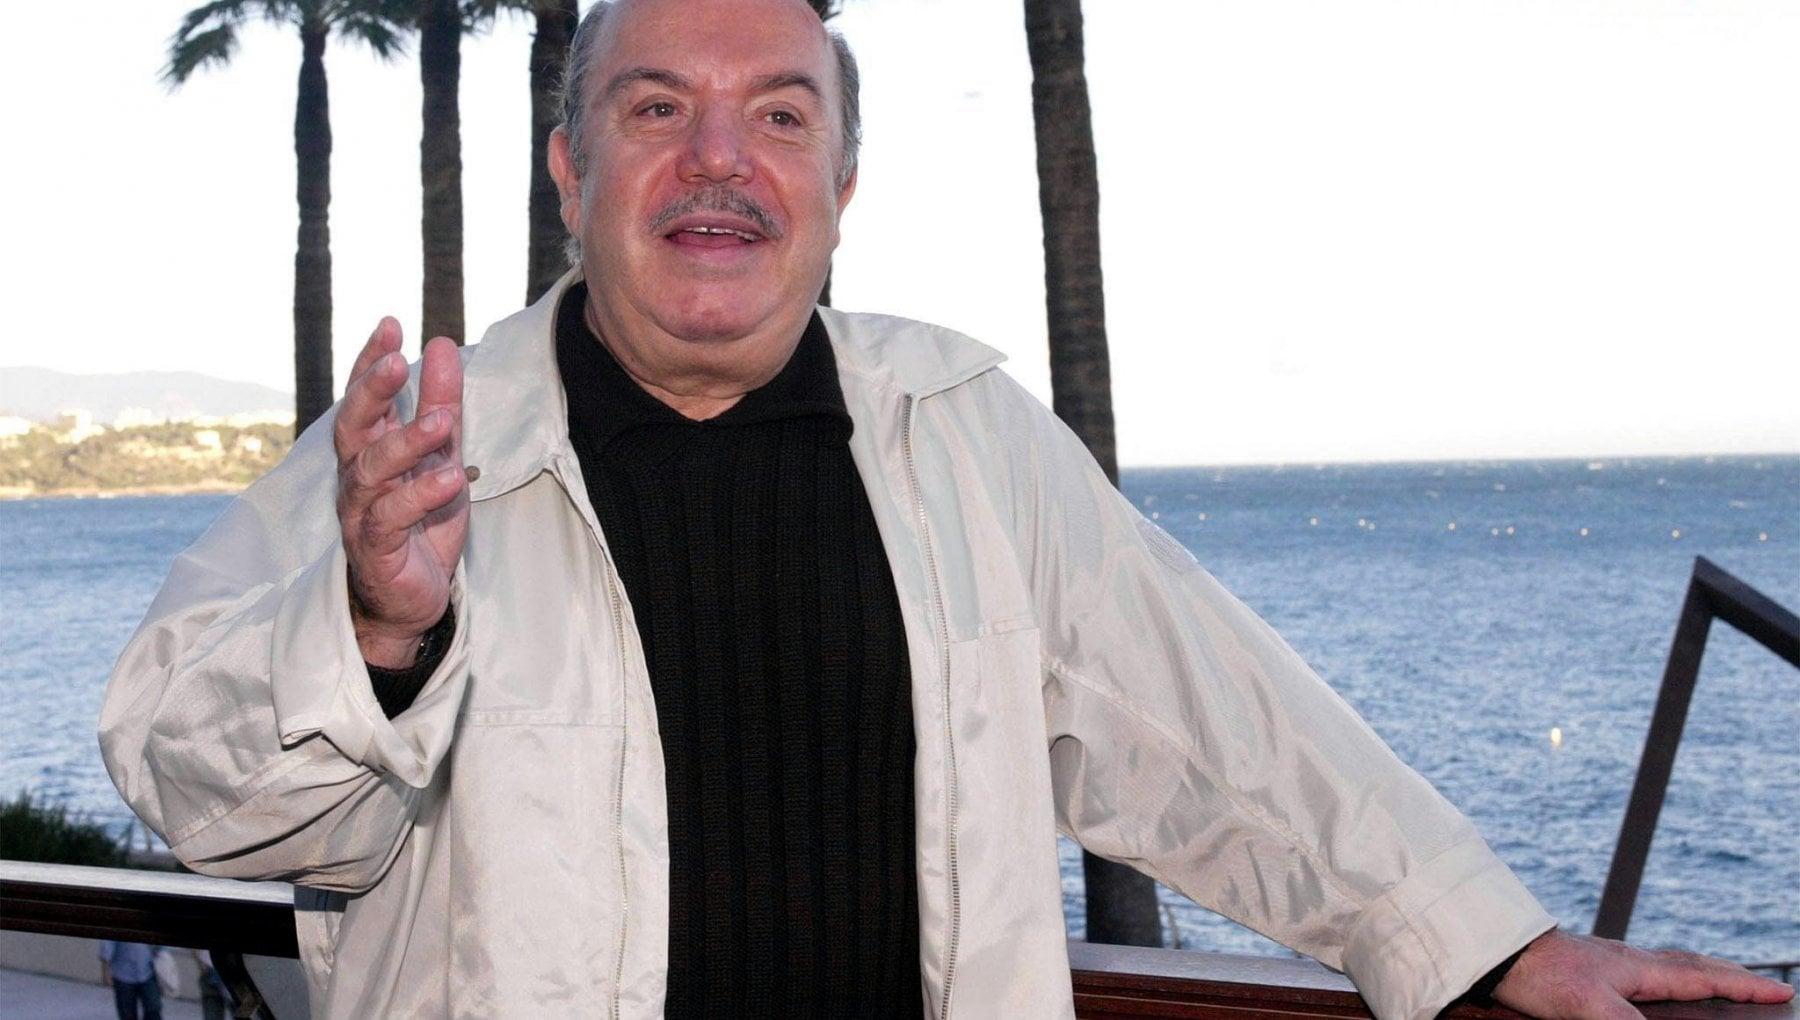 Lino Banfi A tutti i nonni Libero dico Vacciniamoci presto